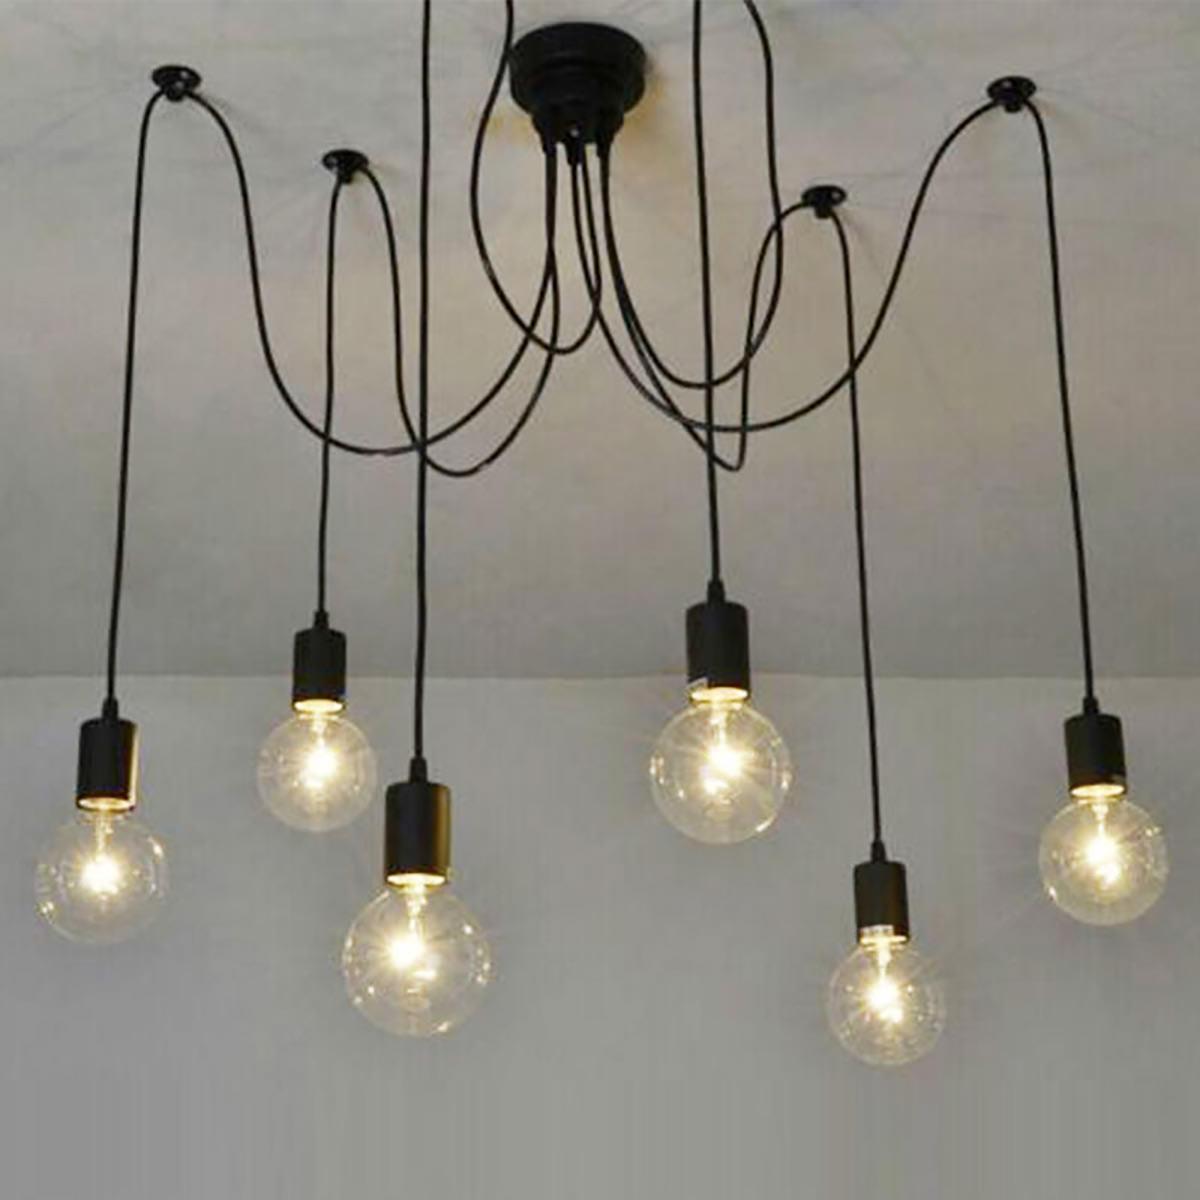 Светильники должны нести функциональную нагрузку, но при этом и выполнять декоративную функцию